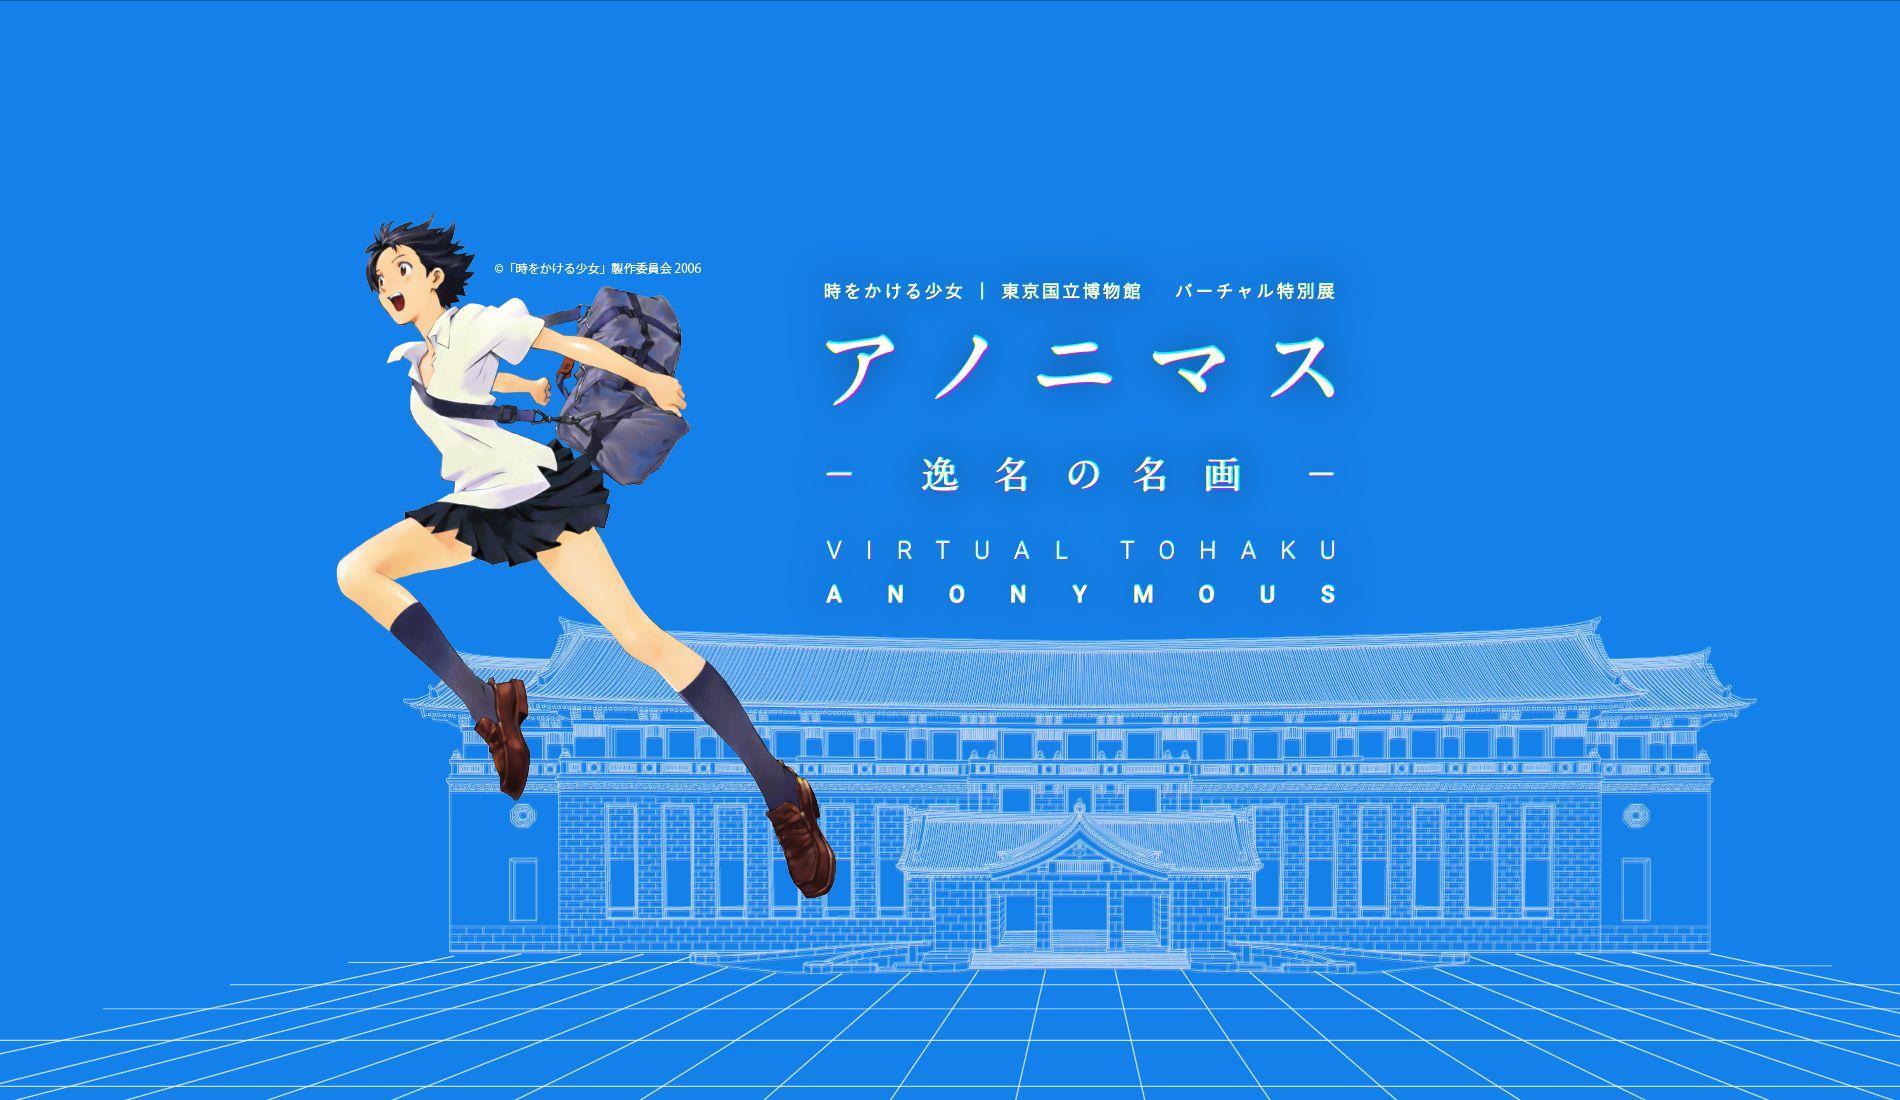 時をかける少女|東京国立博物館 バーチャル特別展「アノニマス-逸名の名画-」